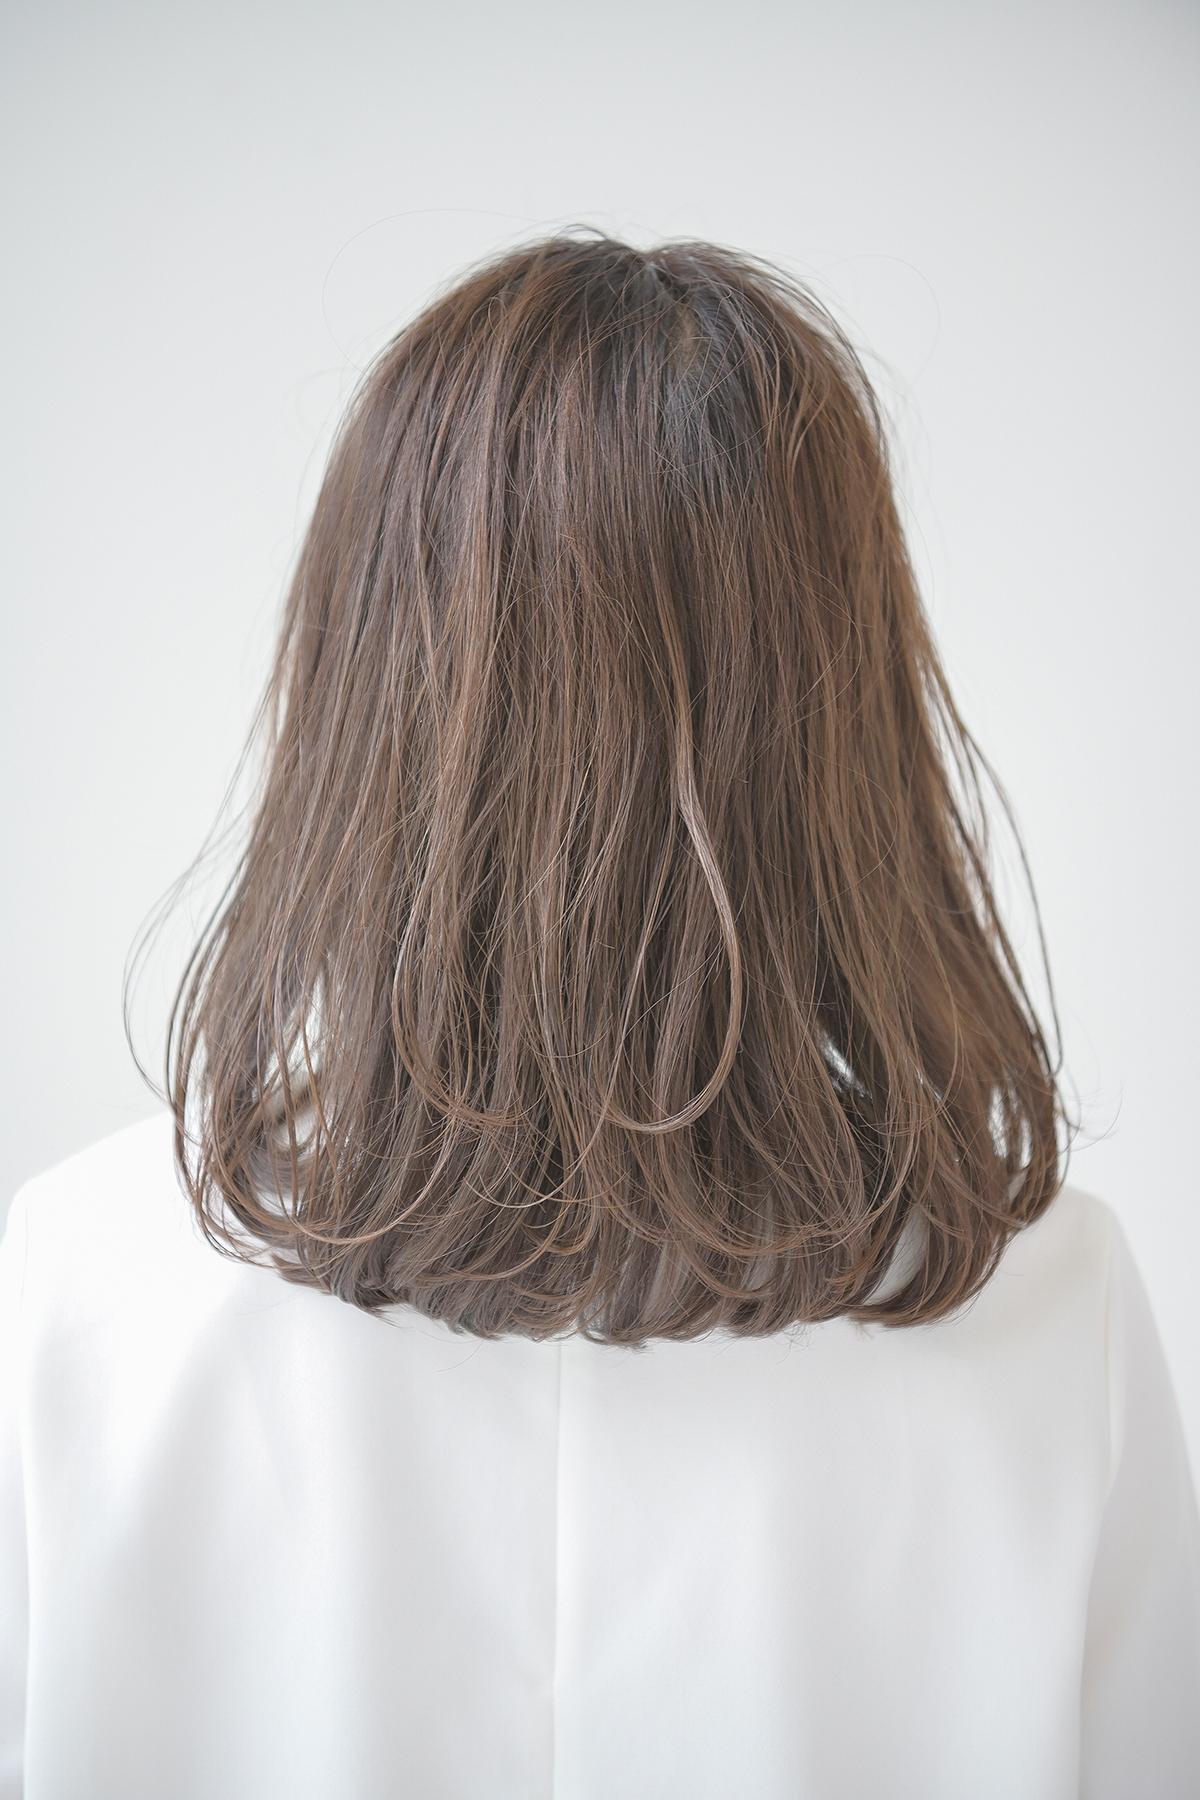 長め前髪にワンカール、バックスタイル2